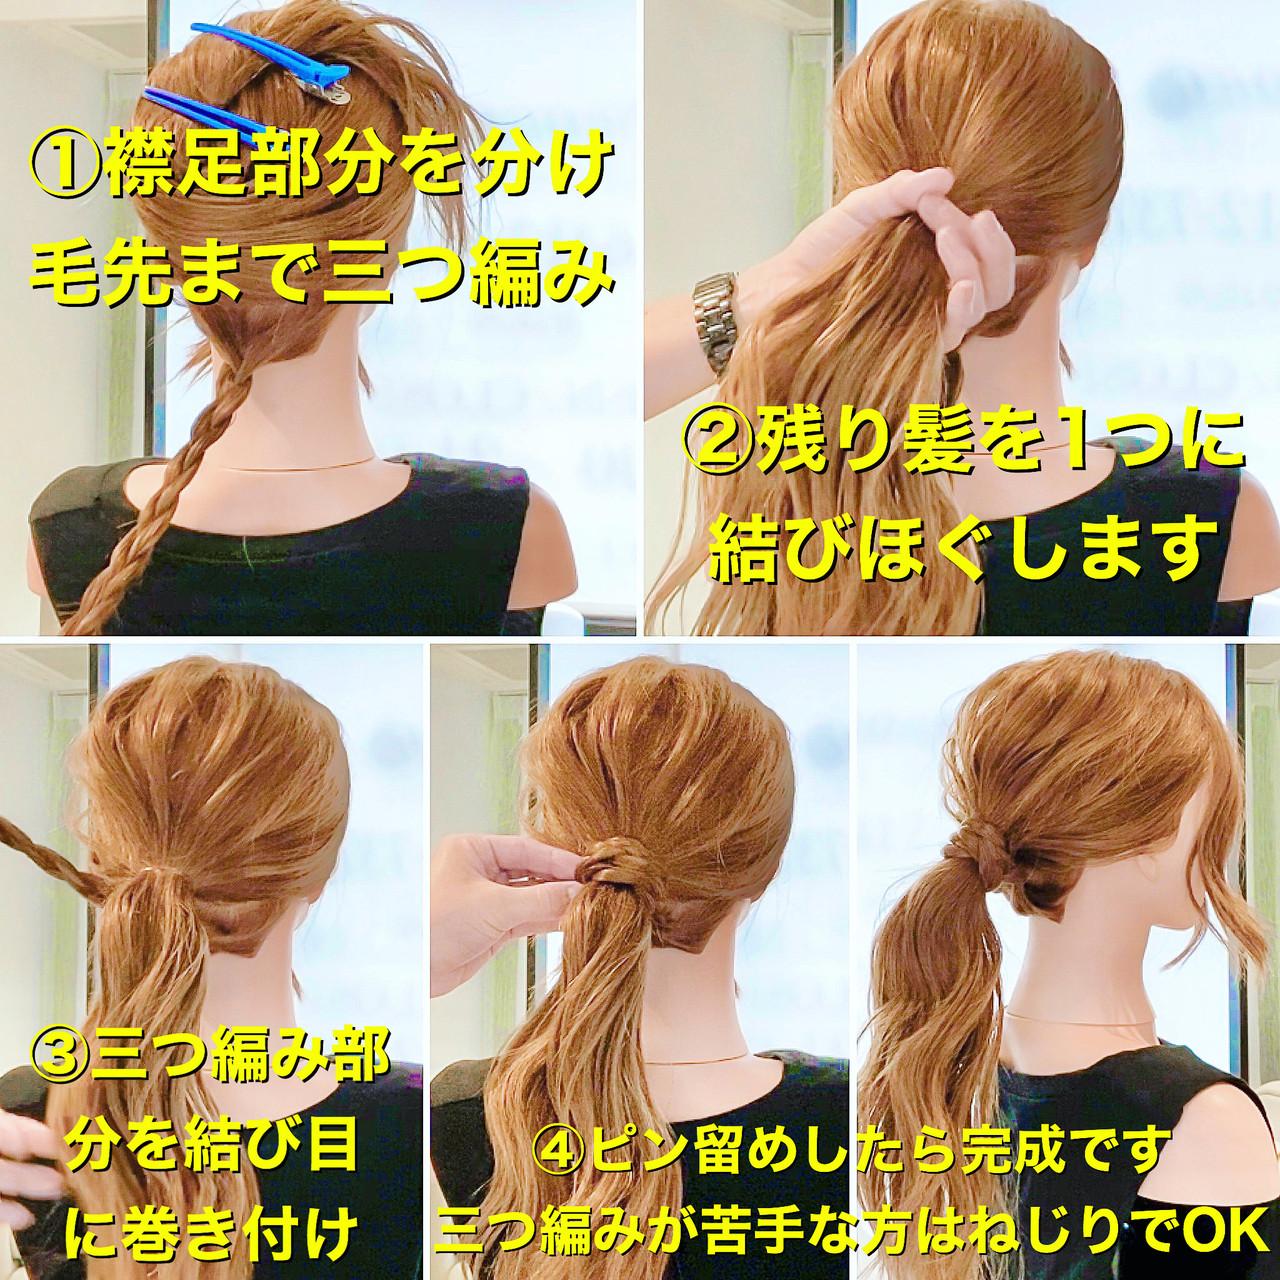 ポニーテールアレンジ ロング ヘアセット エレガント ヘアスタイルや髪型の写真・画像